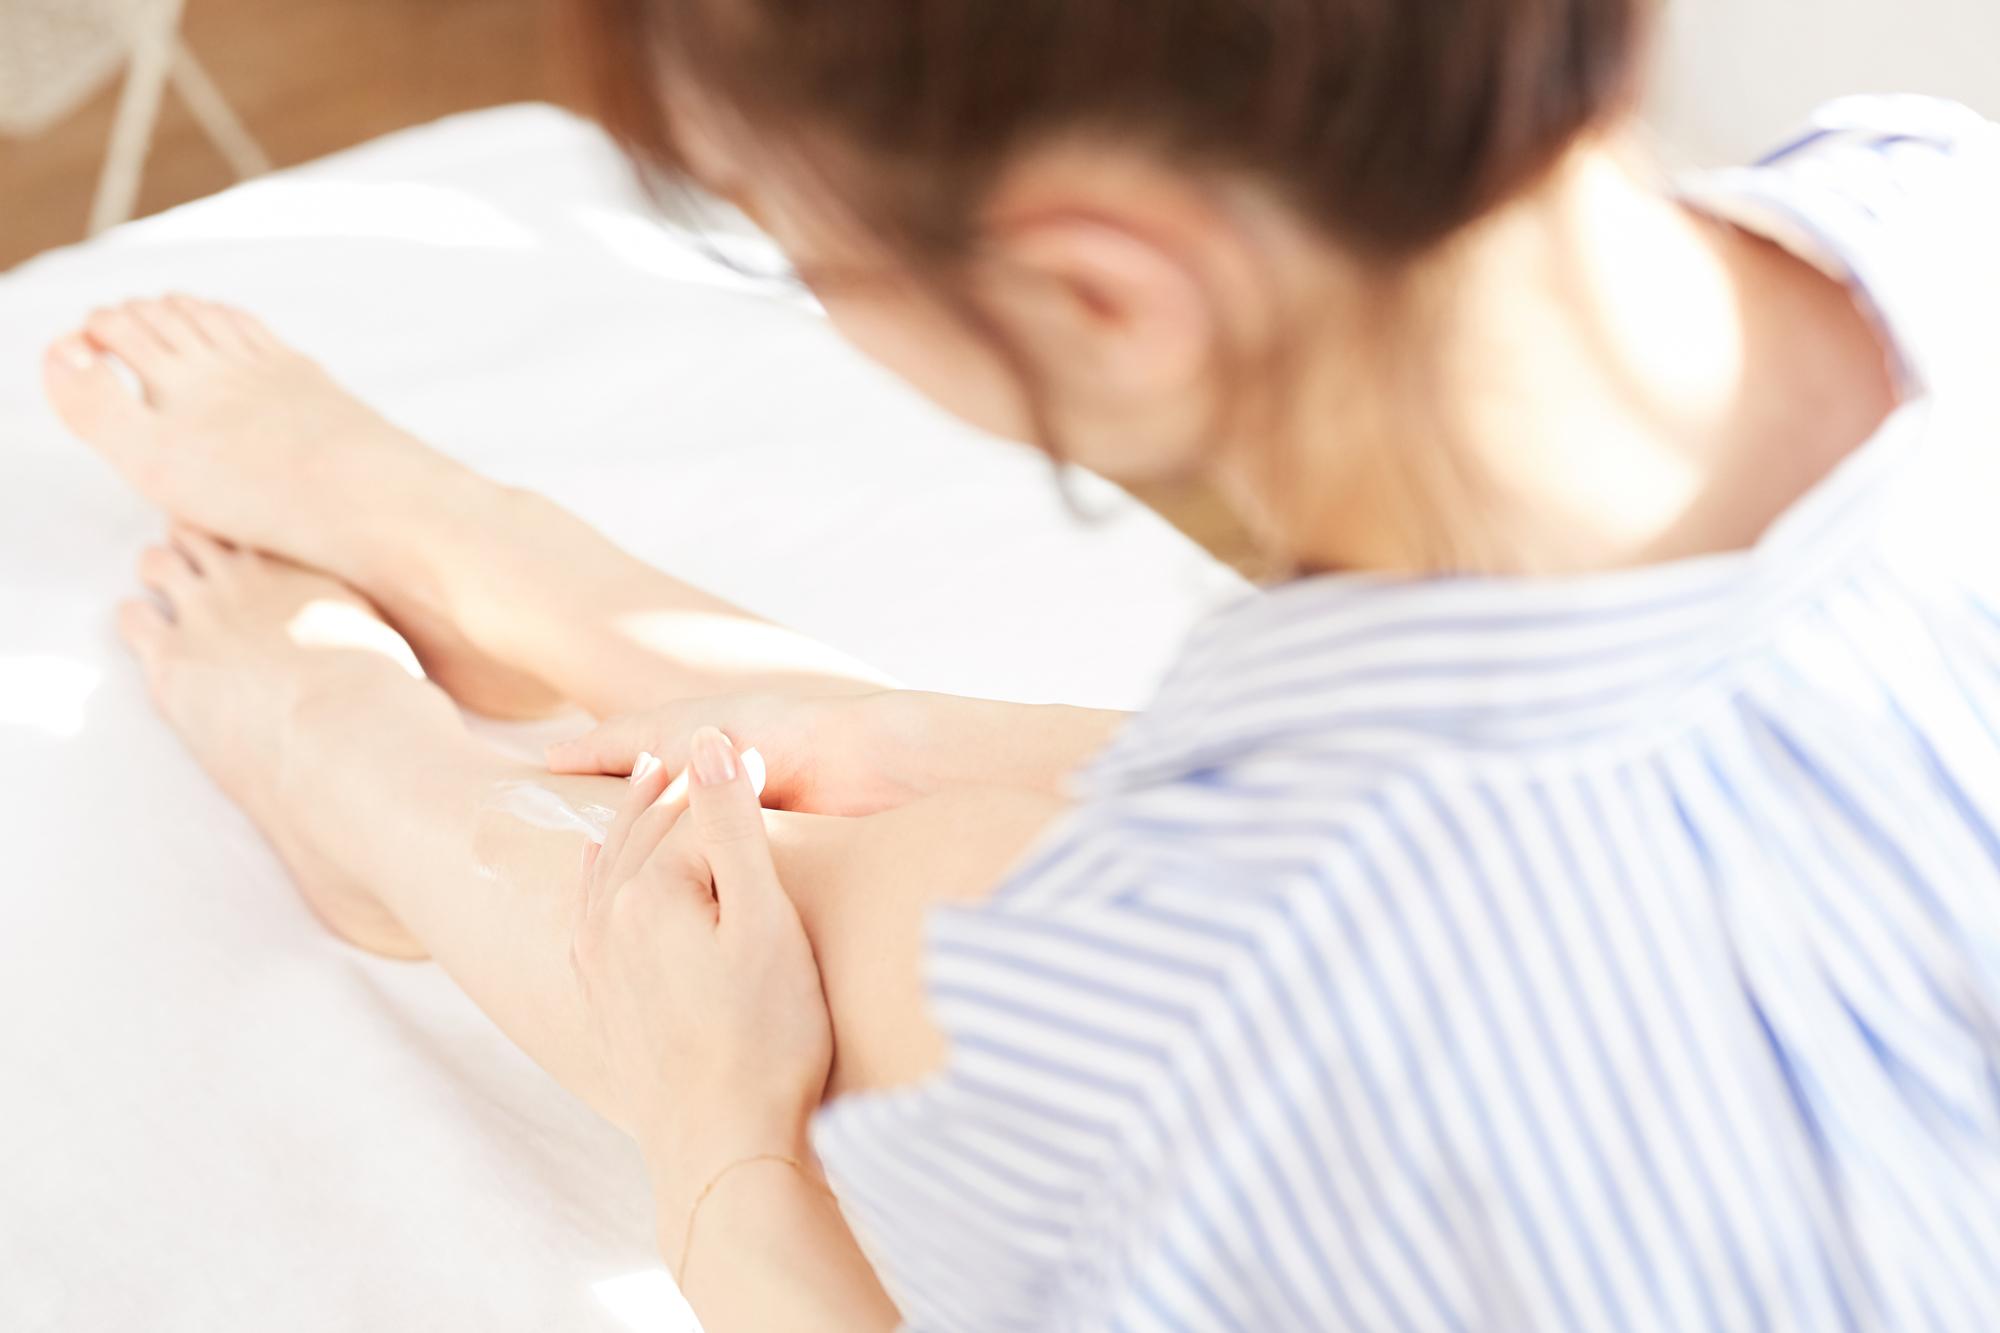 むくみ だるさ 足 の 片足だけにむくみが起こる原因は?病気のサイン?解消法と治療方法も